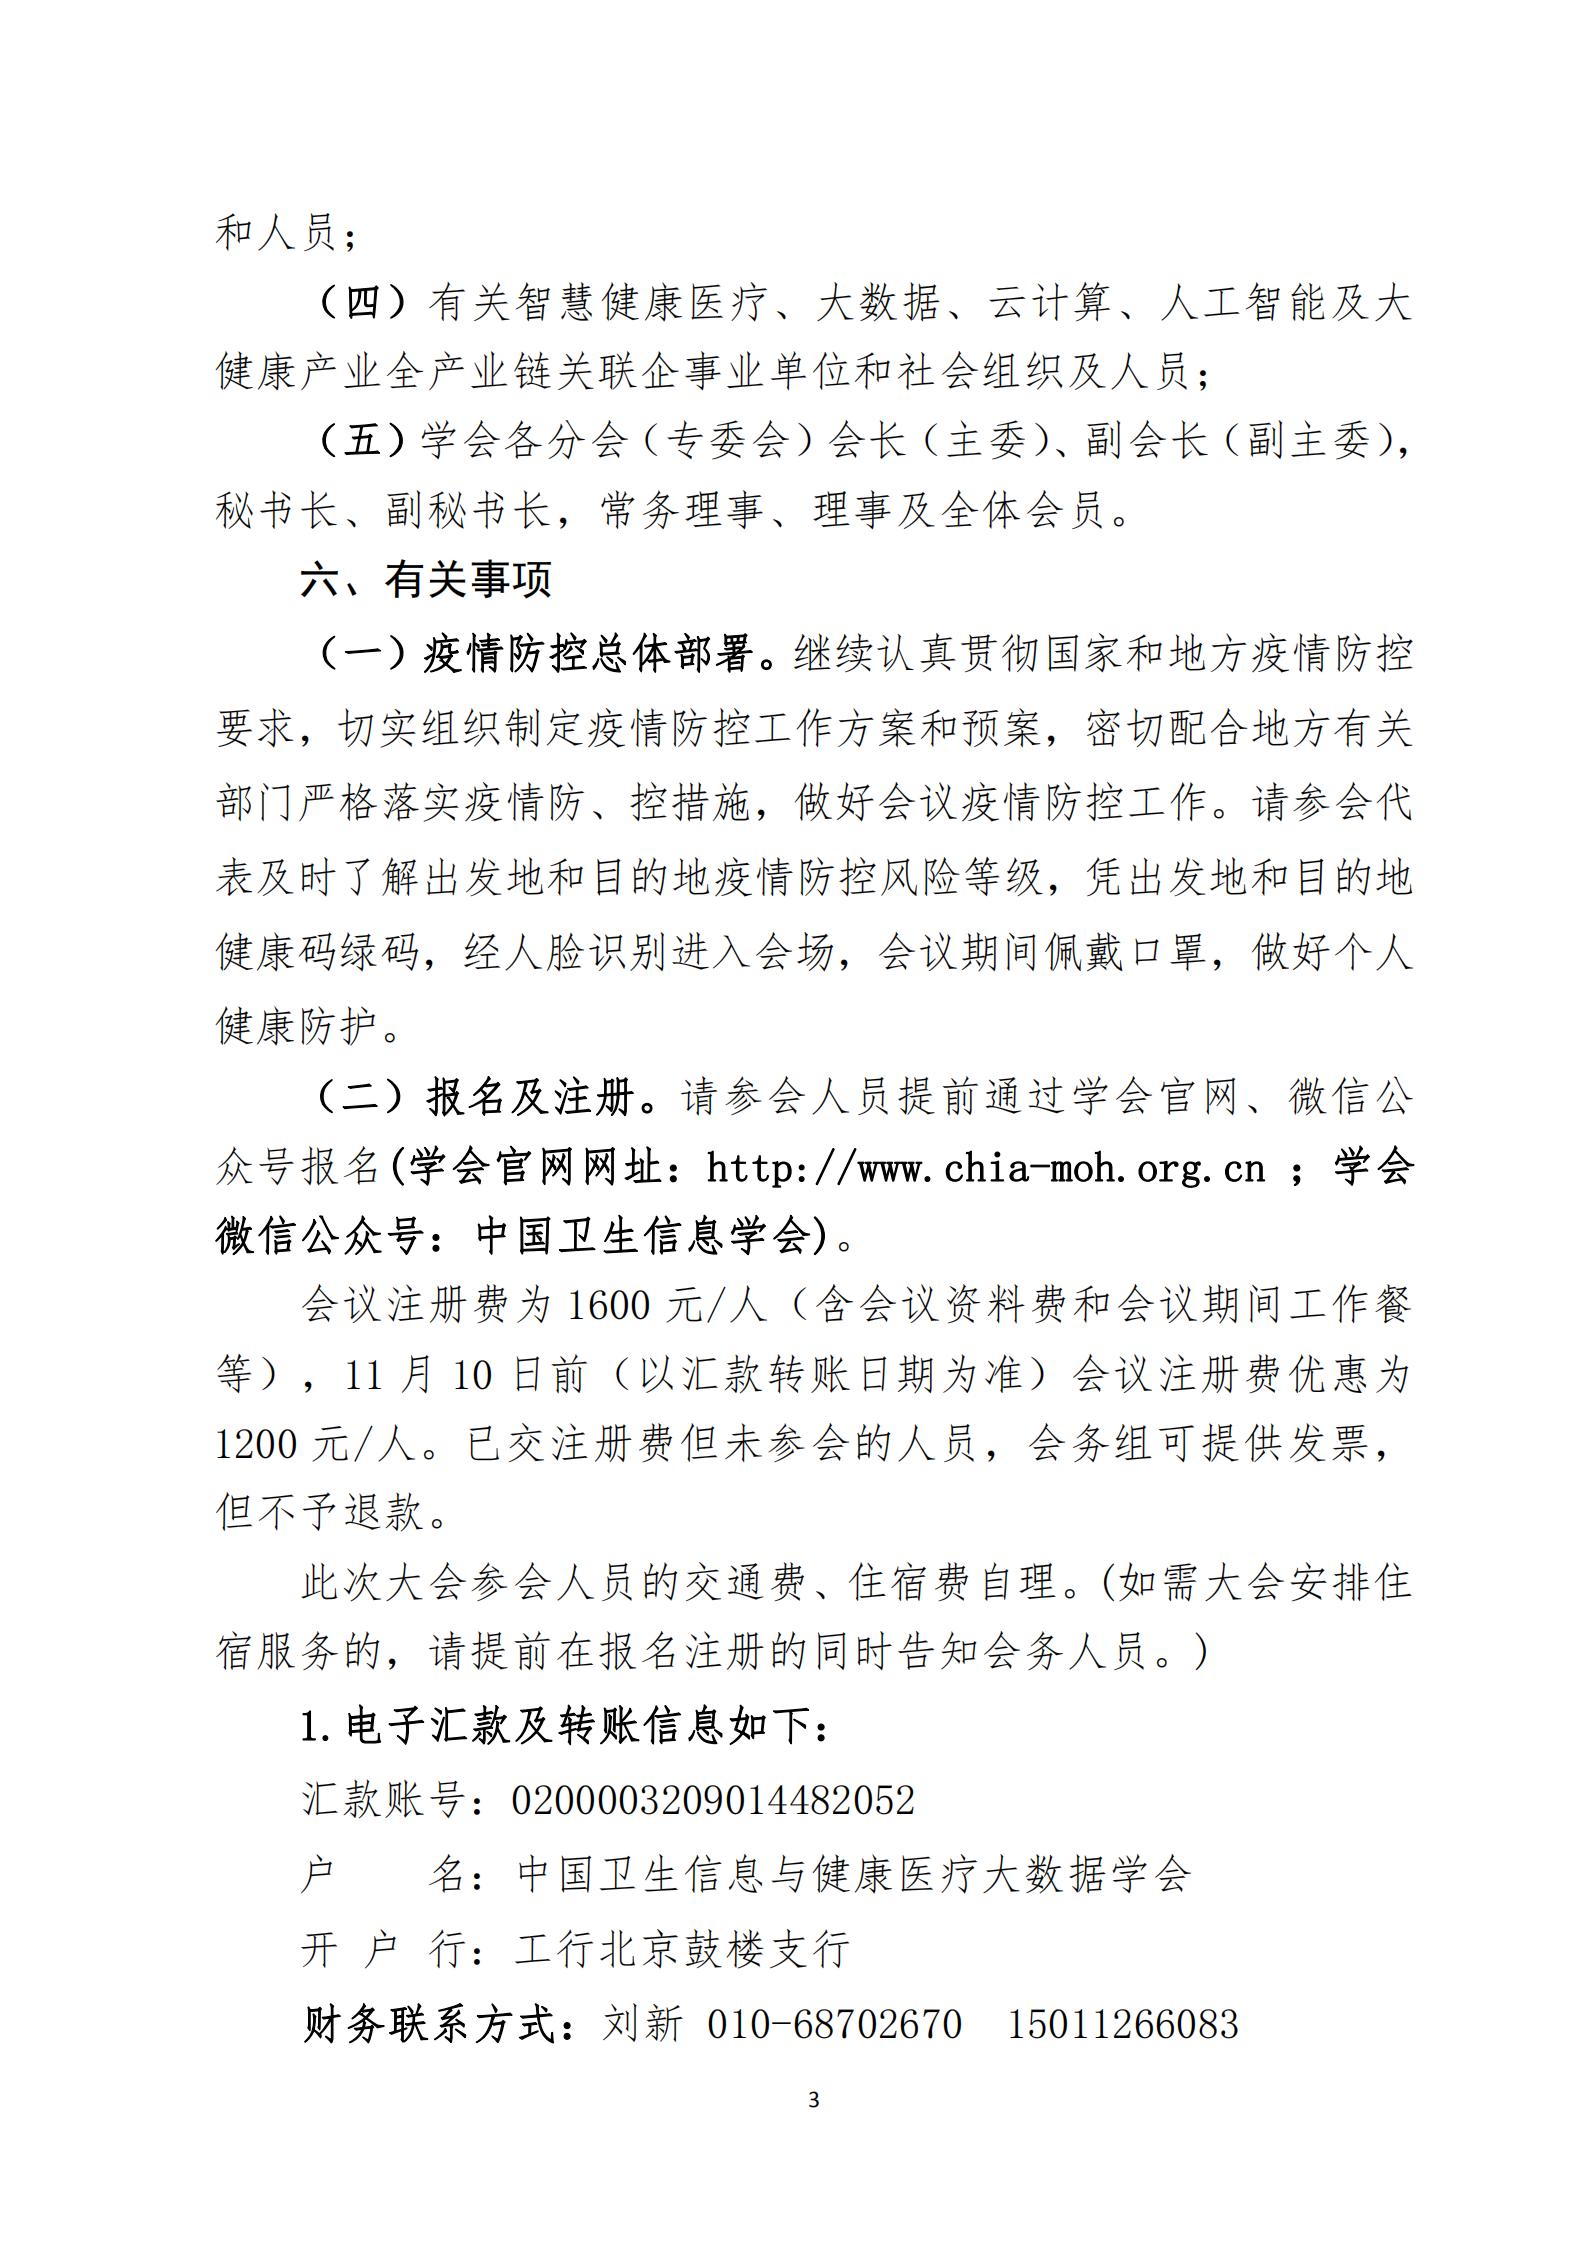 关于召开第二届中国数字健康医疗大会的通知_02.png